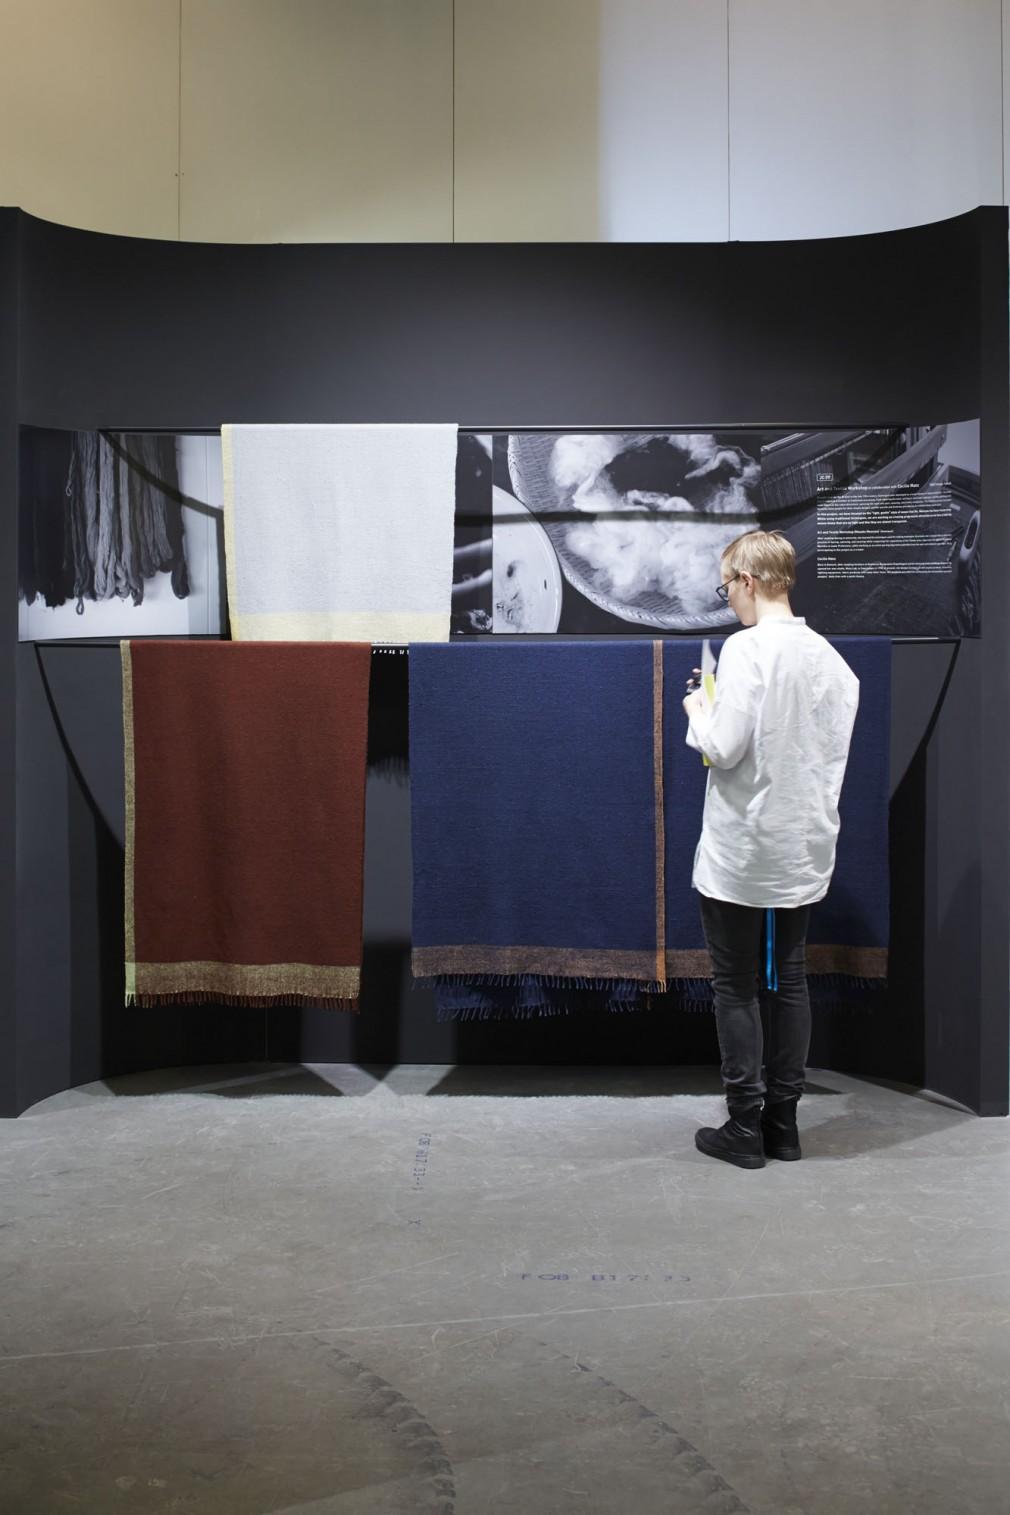 ストックホルム・ファニチャー&ライティングフェア Stockholm Furniture & Light Fair